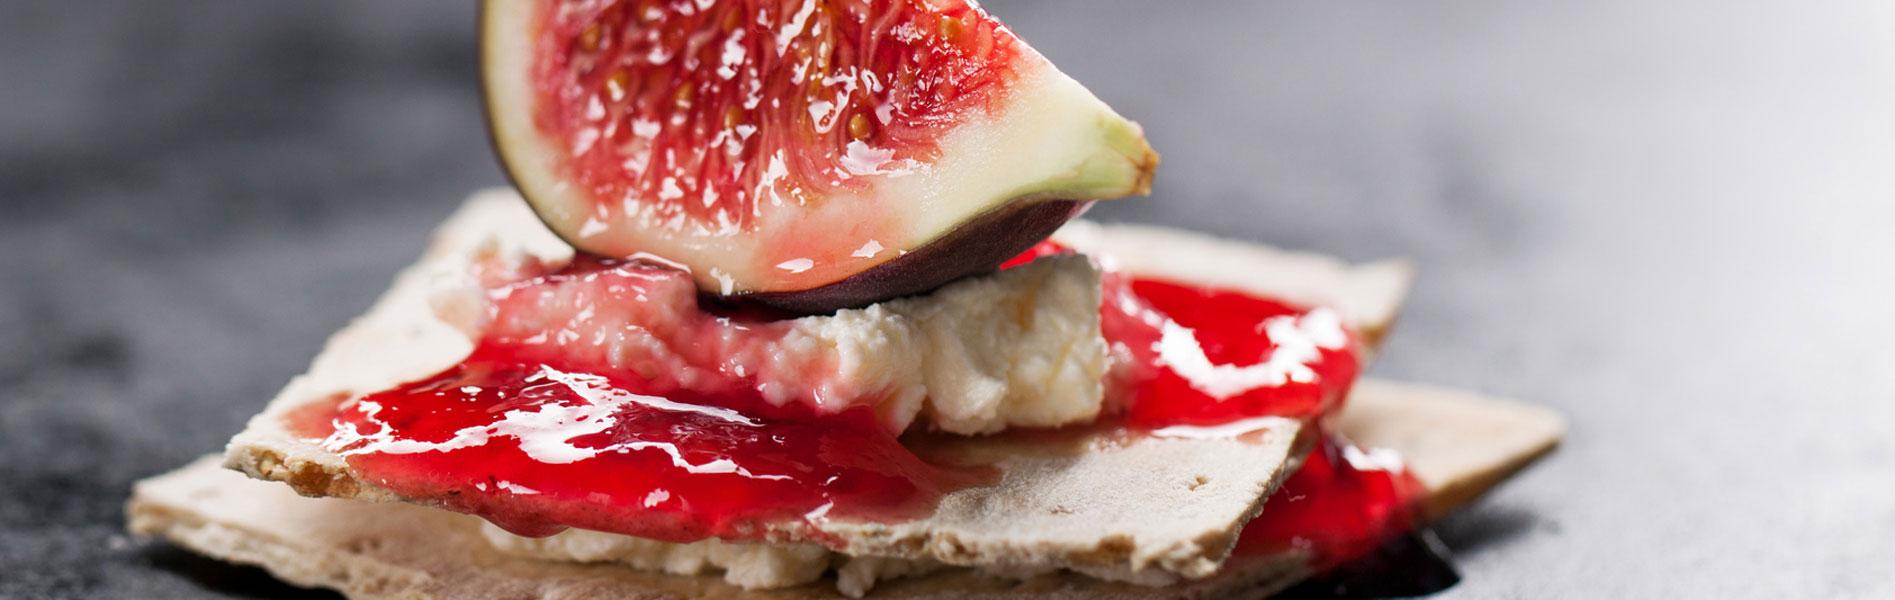 Unikorn Catering - skandinavisches Fingerfood Buffet